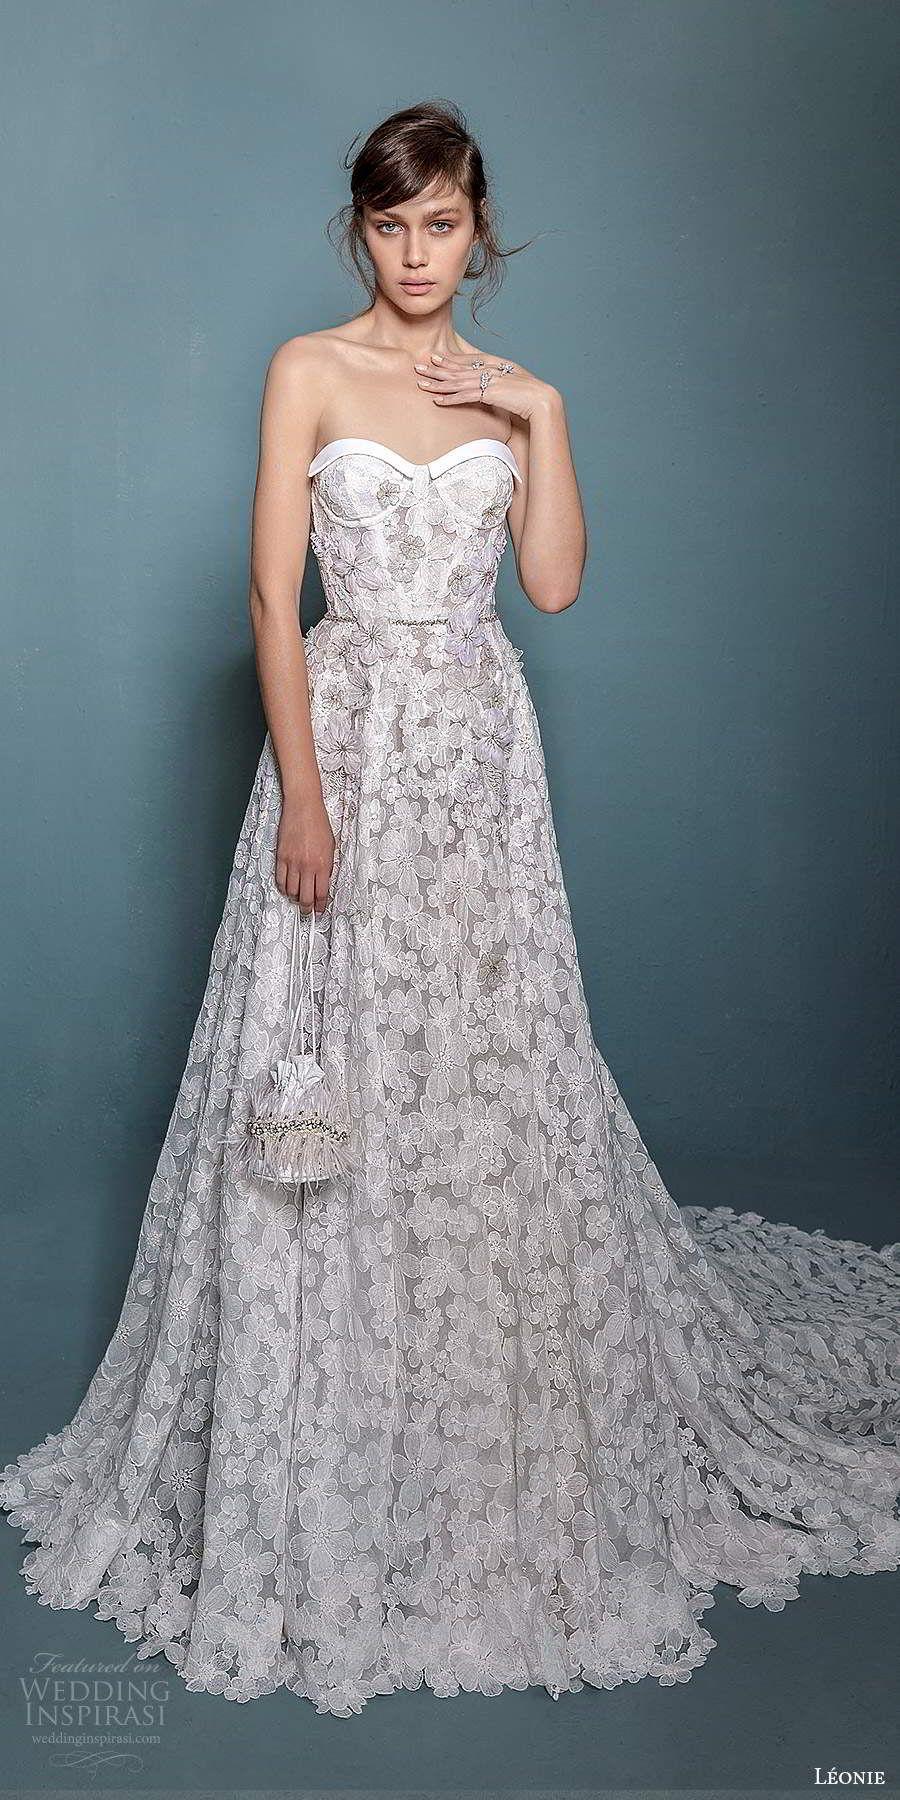 Leonie Bridal 2020 Wedding Dresses Untamed Garden Collection